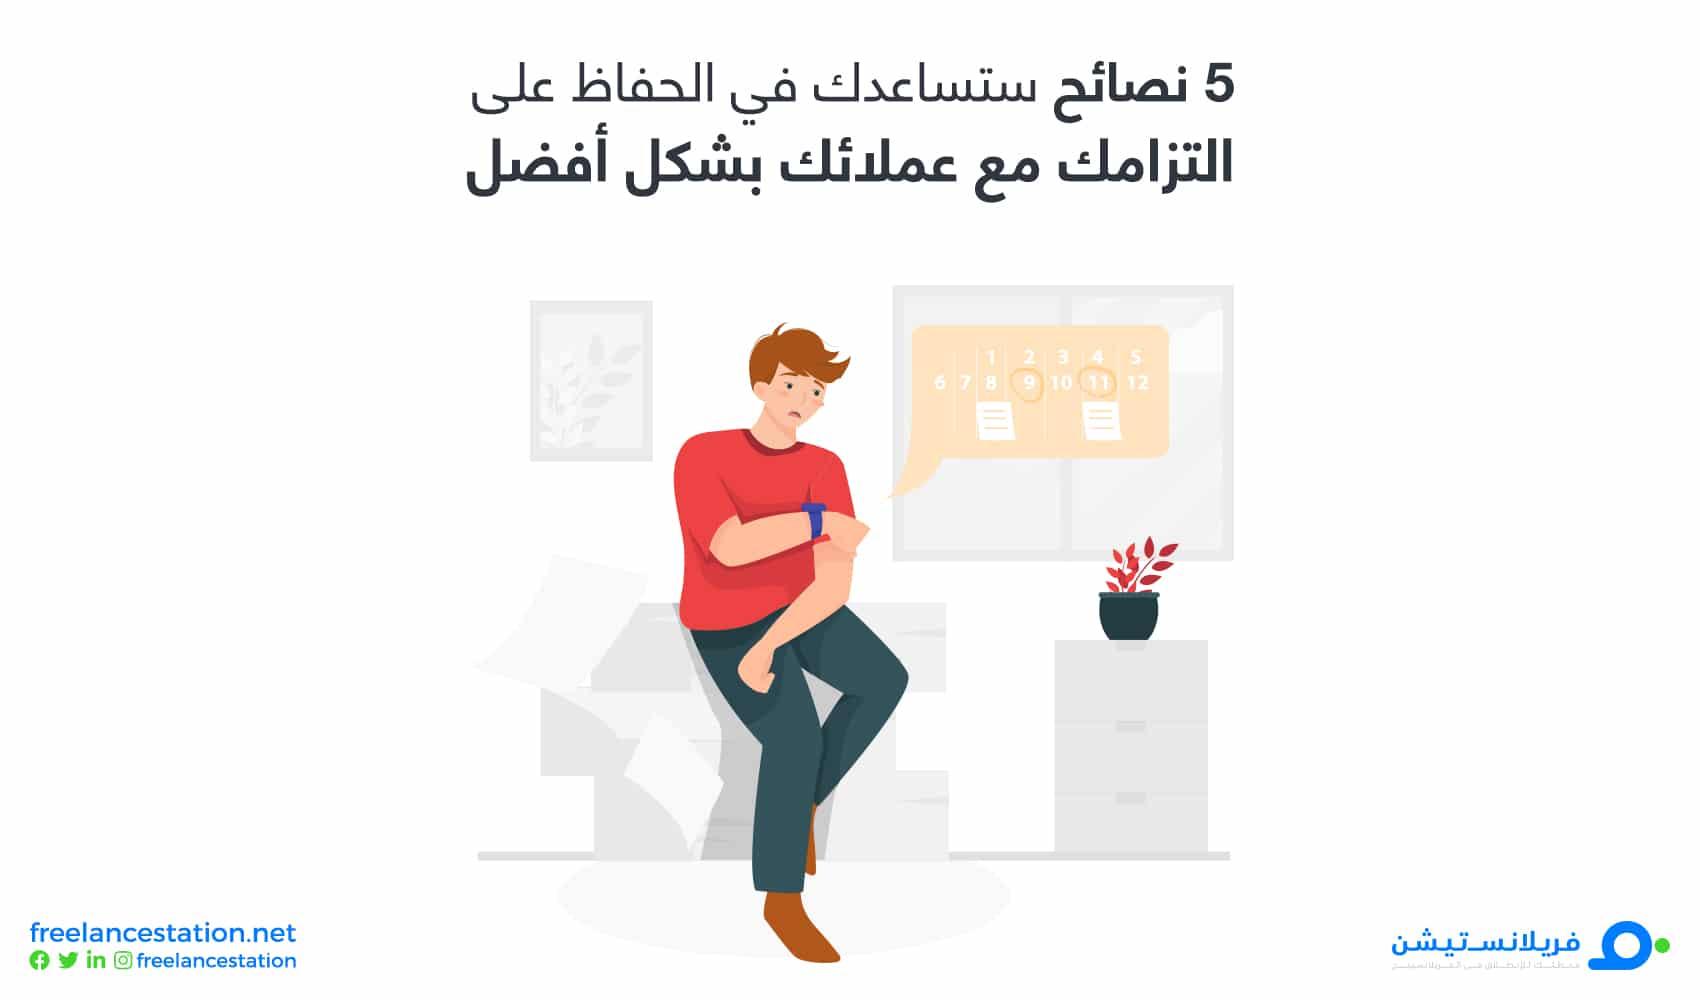 5 نصائح ستساعدك في الحفاظ على التزامك مع عملائك بشكل أفضل